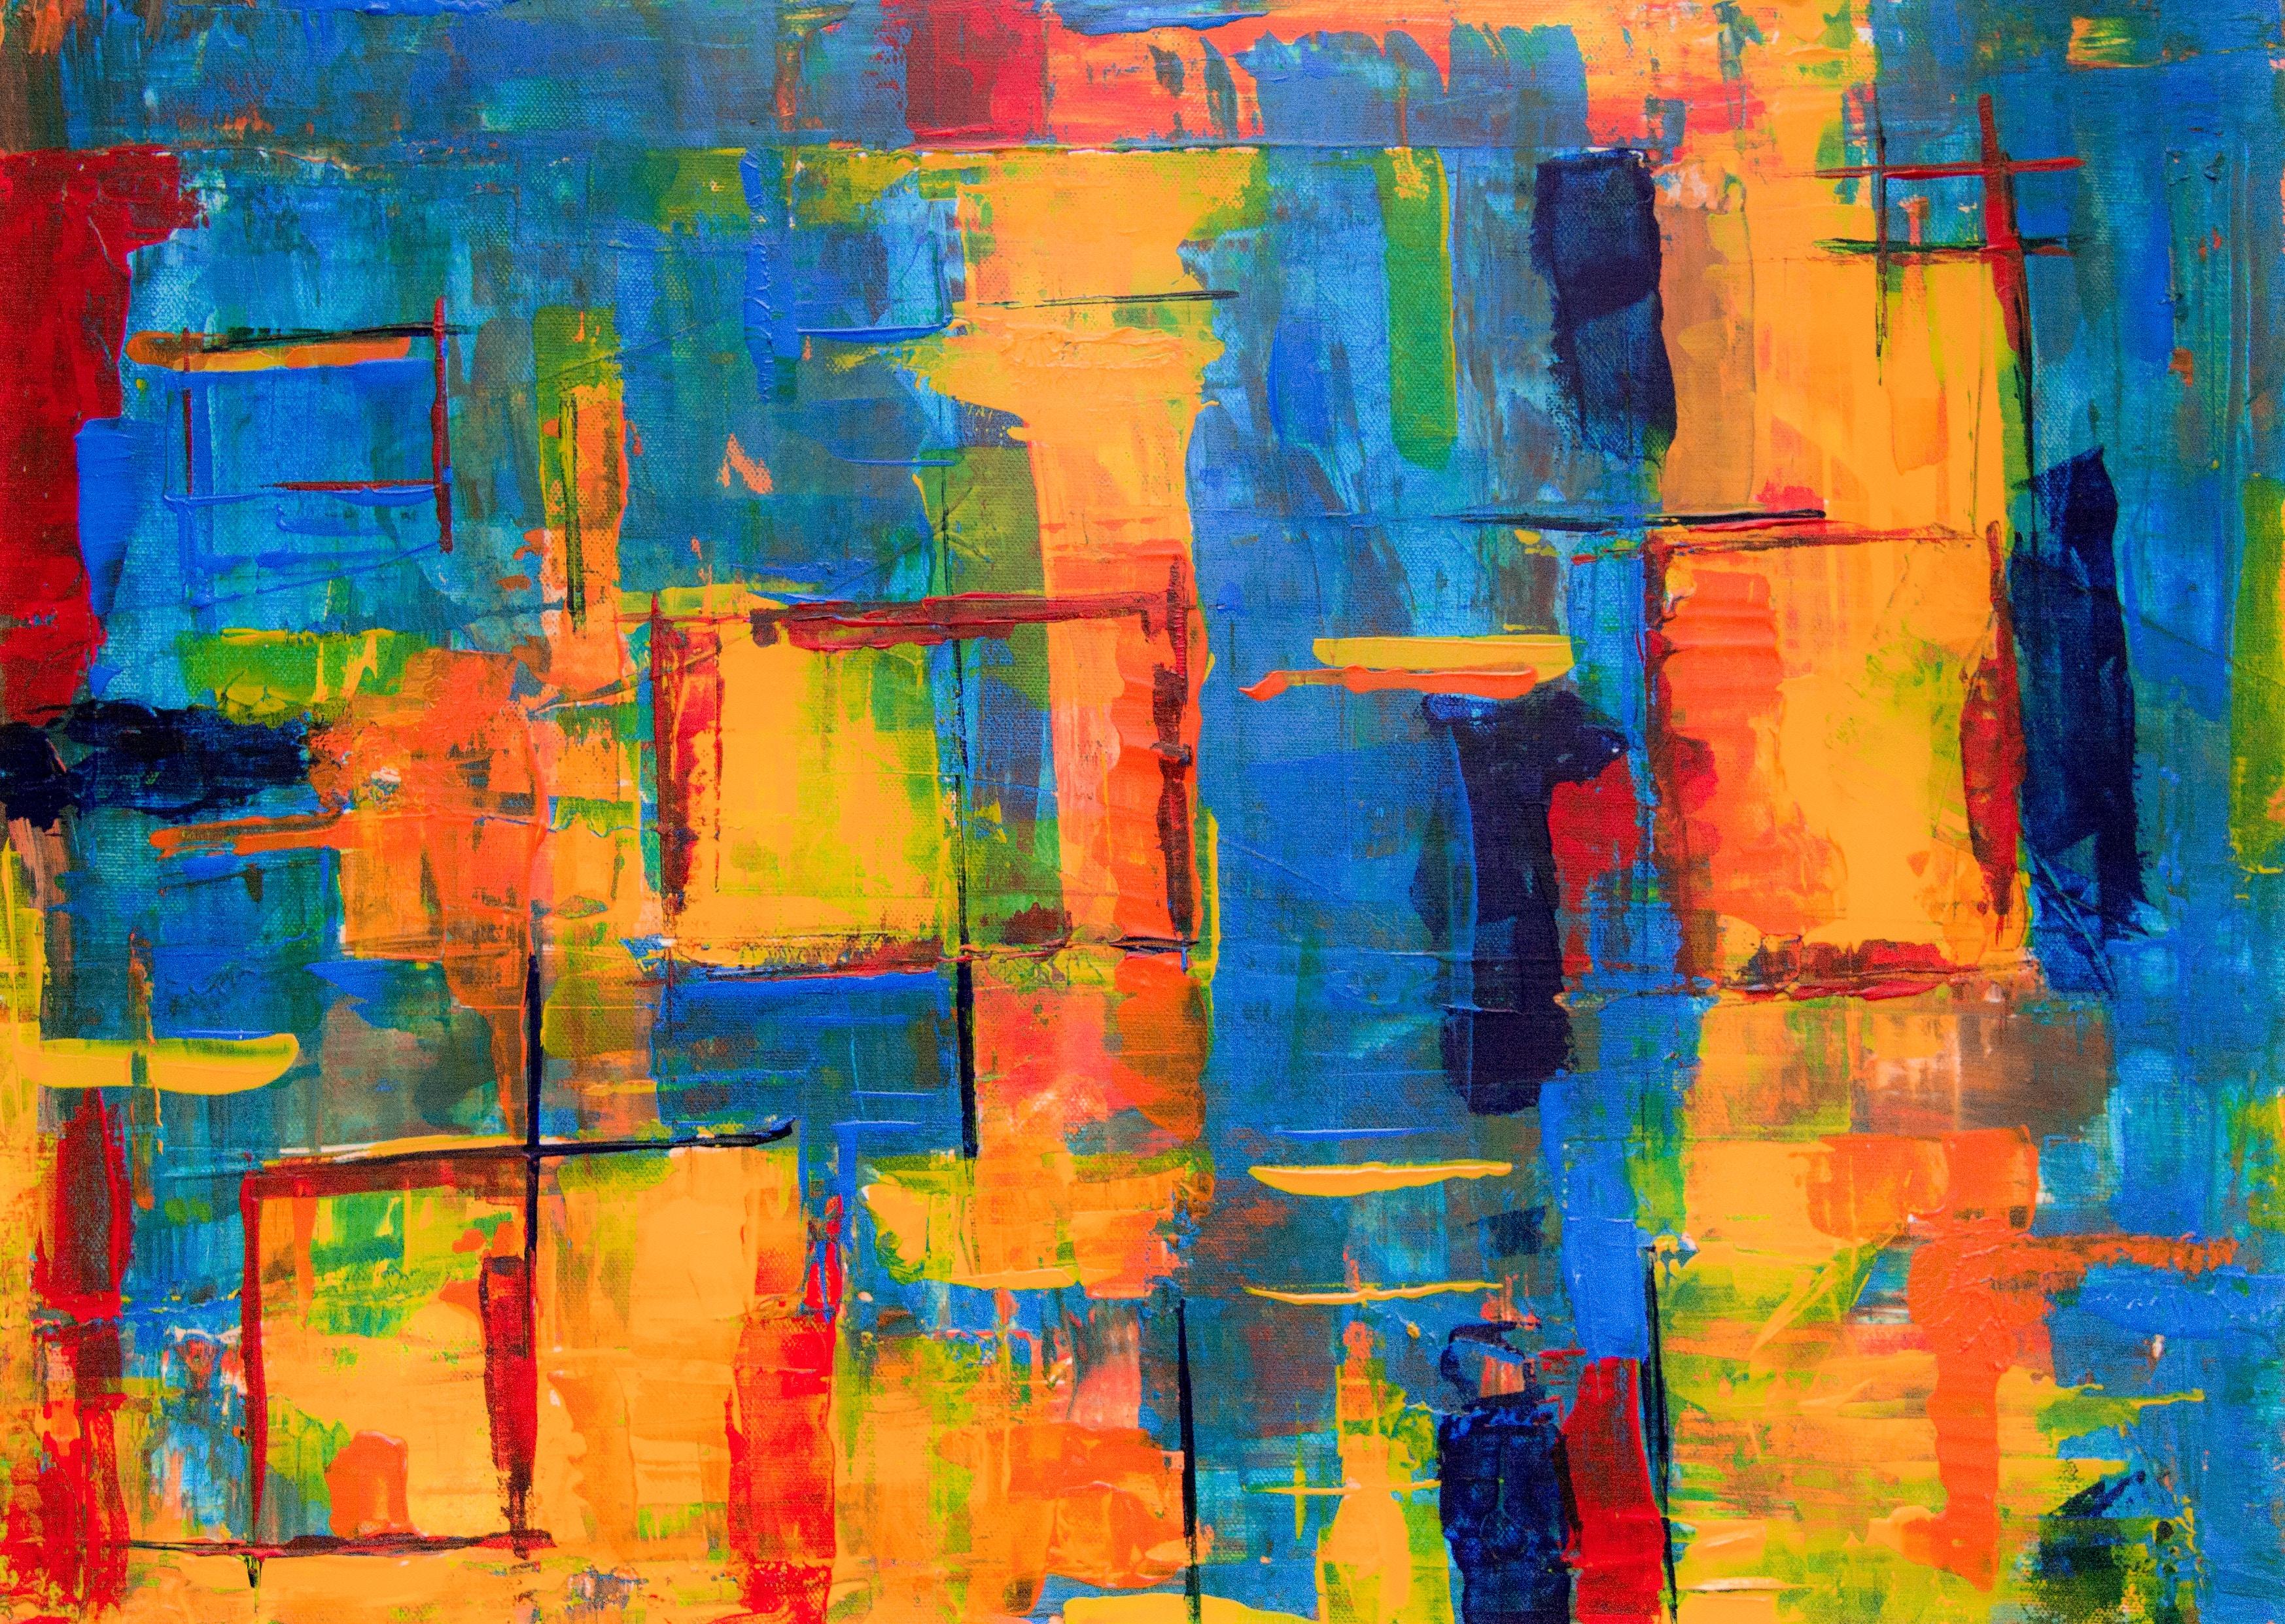 免費壁紙122815:纹理, 画, 油漆, 帆布, 画布, 污渍, 多彩多姿, 五颜六色 下載手機圖片